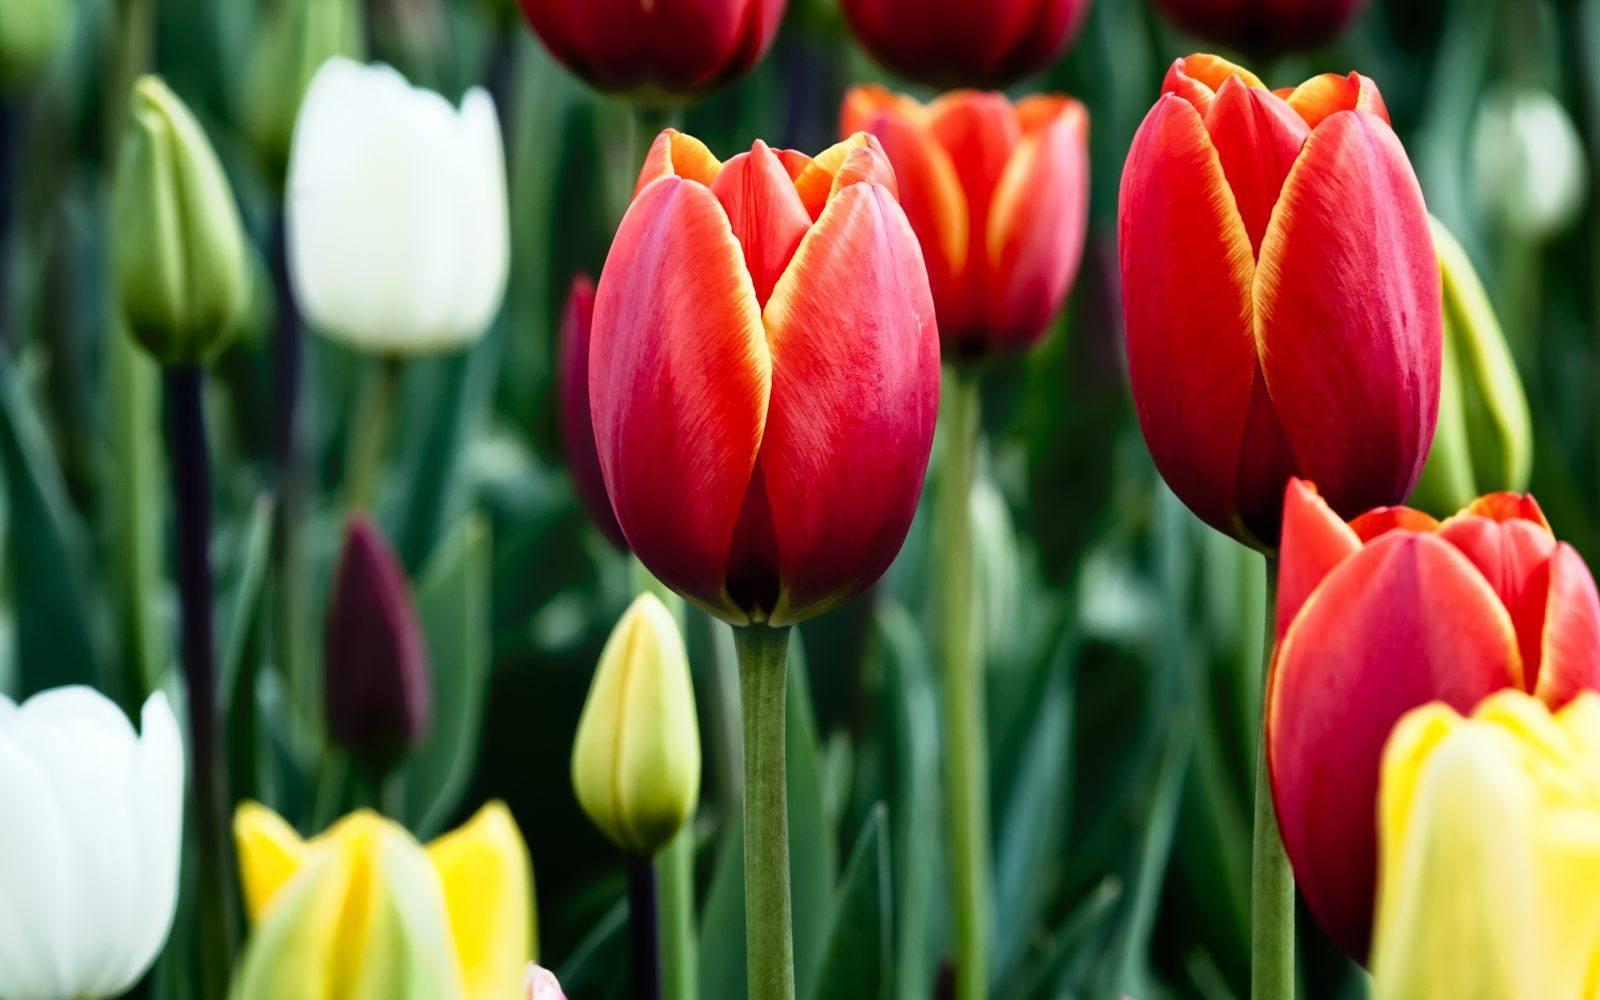 flores-rojas-tulipanes.jpg